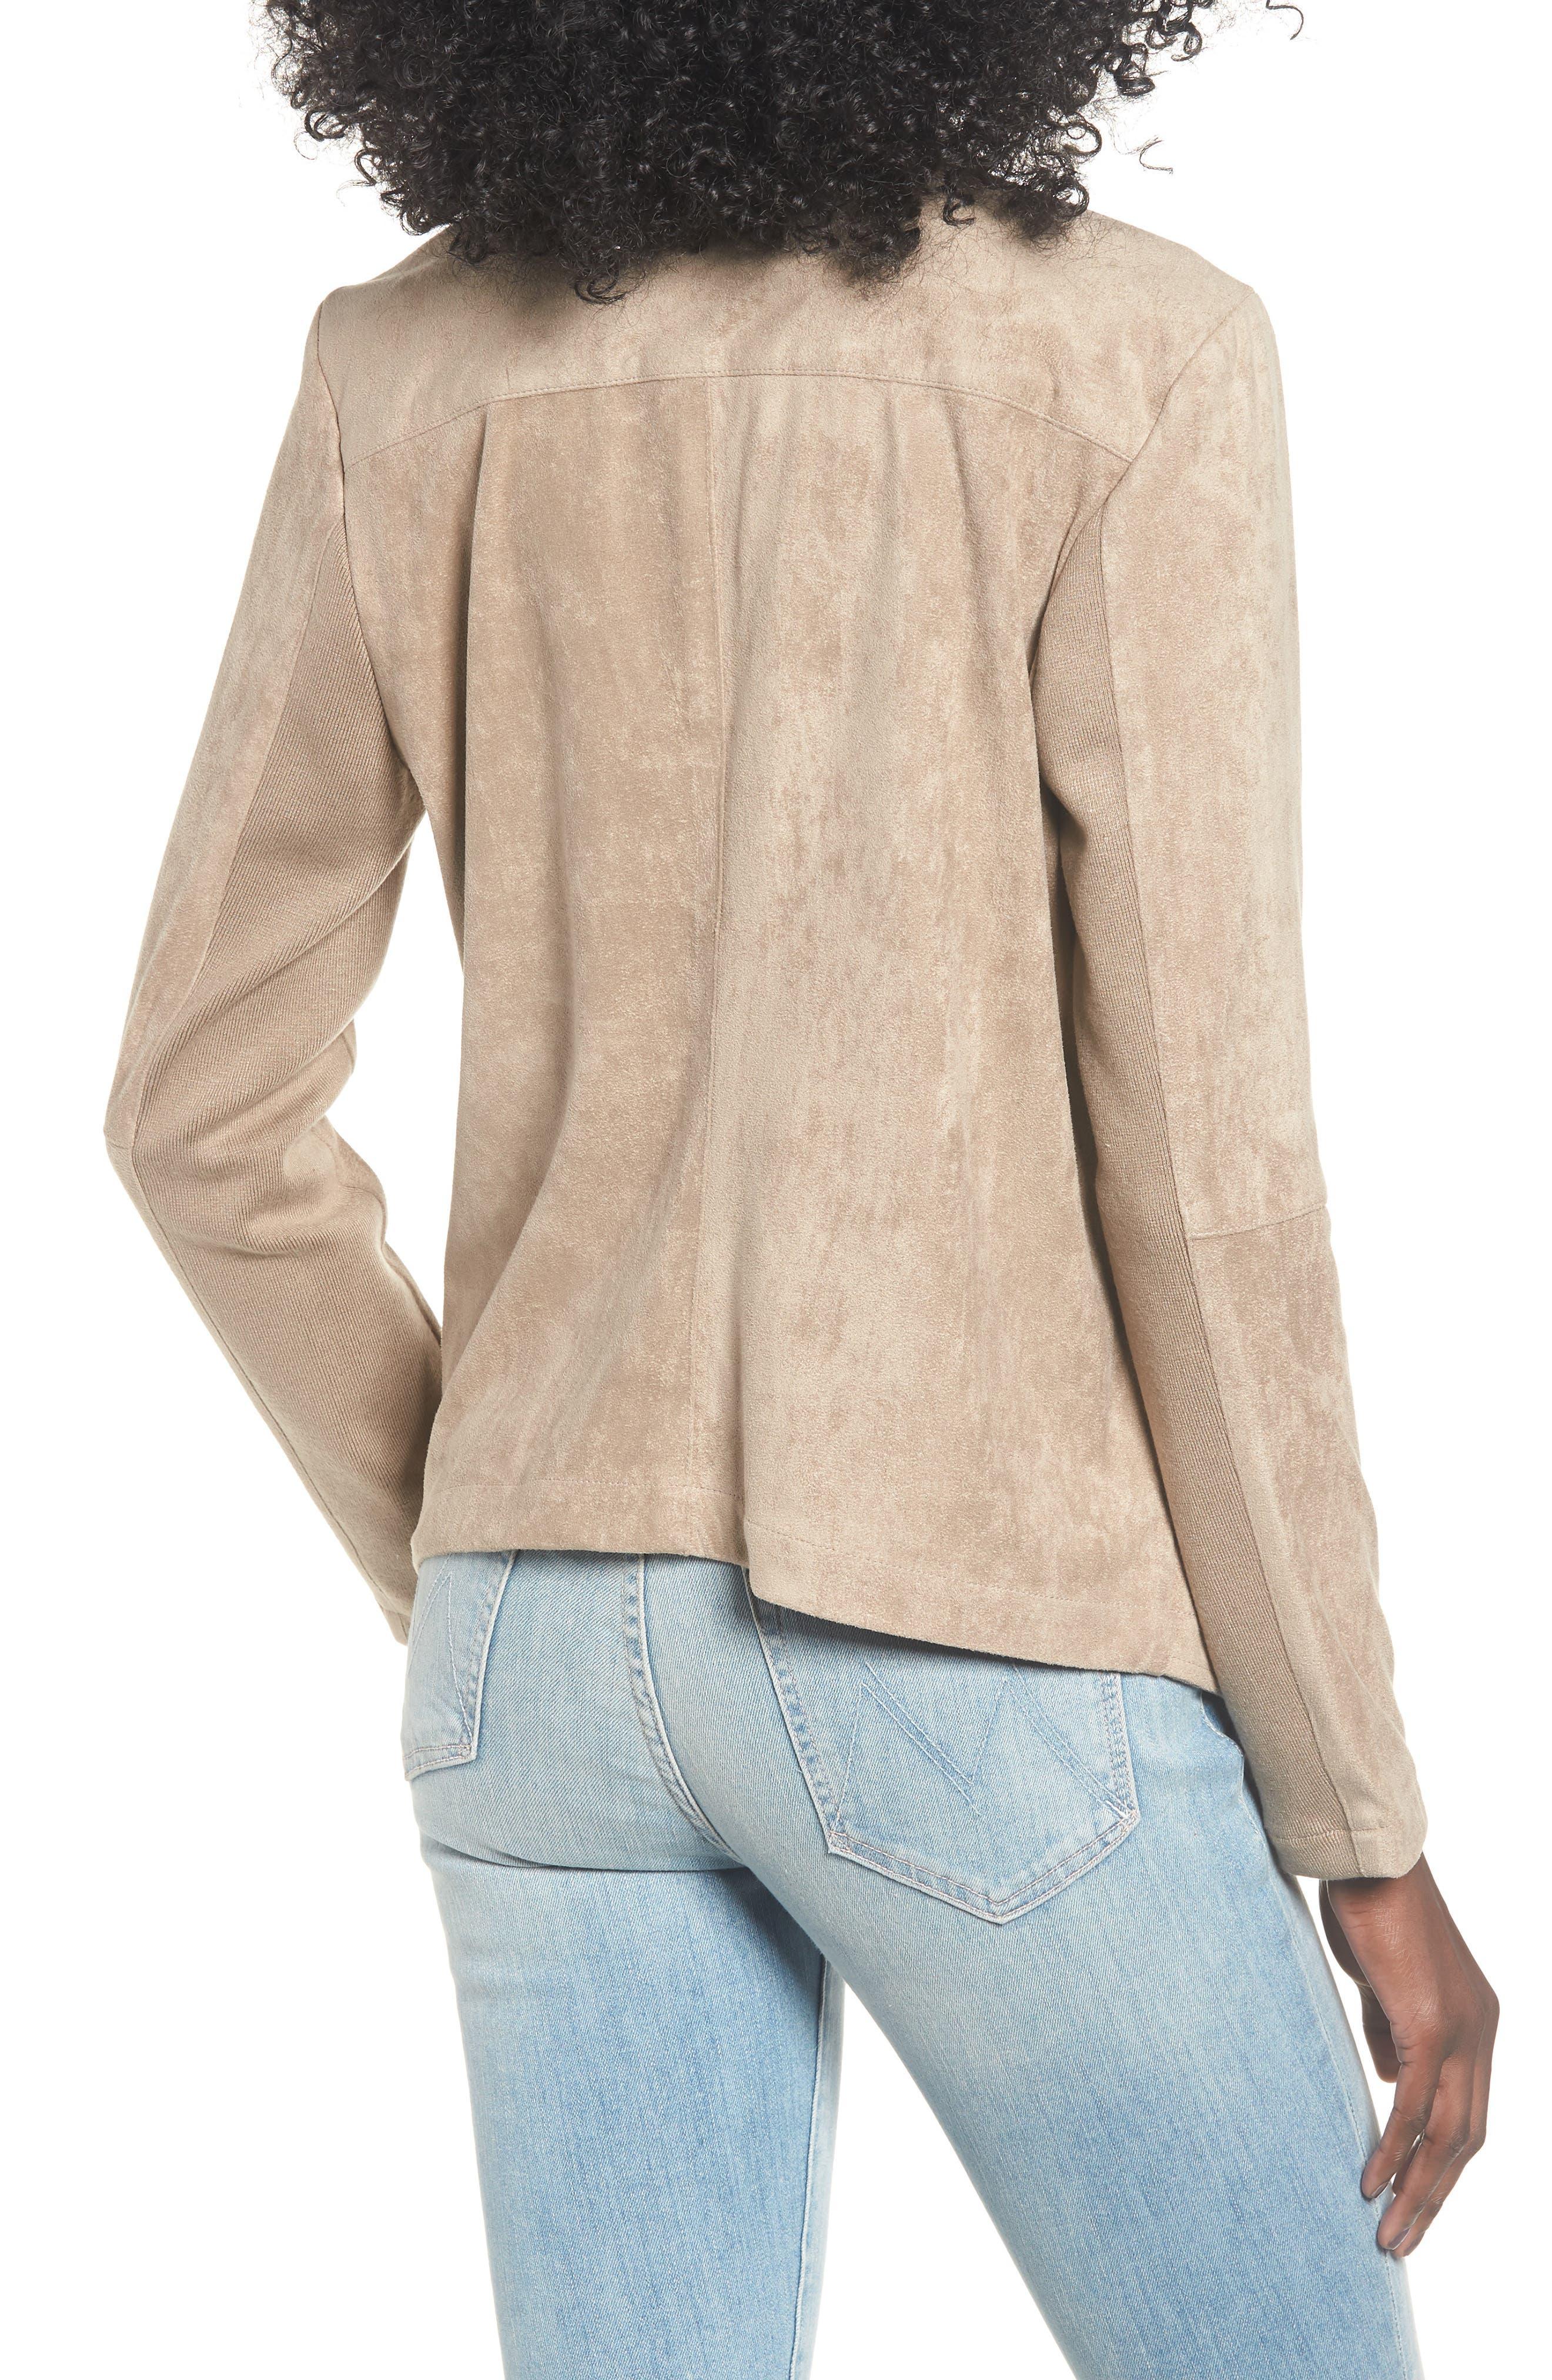 Nicholson Faux Suede Drape Front Jacket,                             Alternate thumbnail 2, color,                             WARM STONE